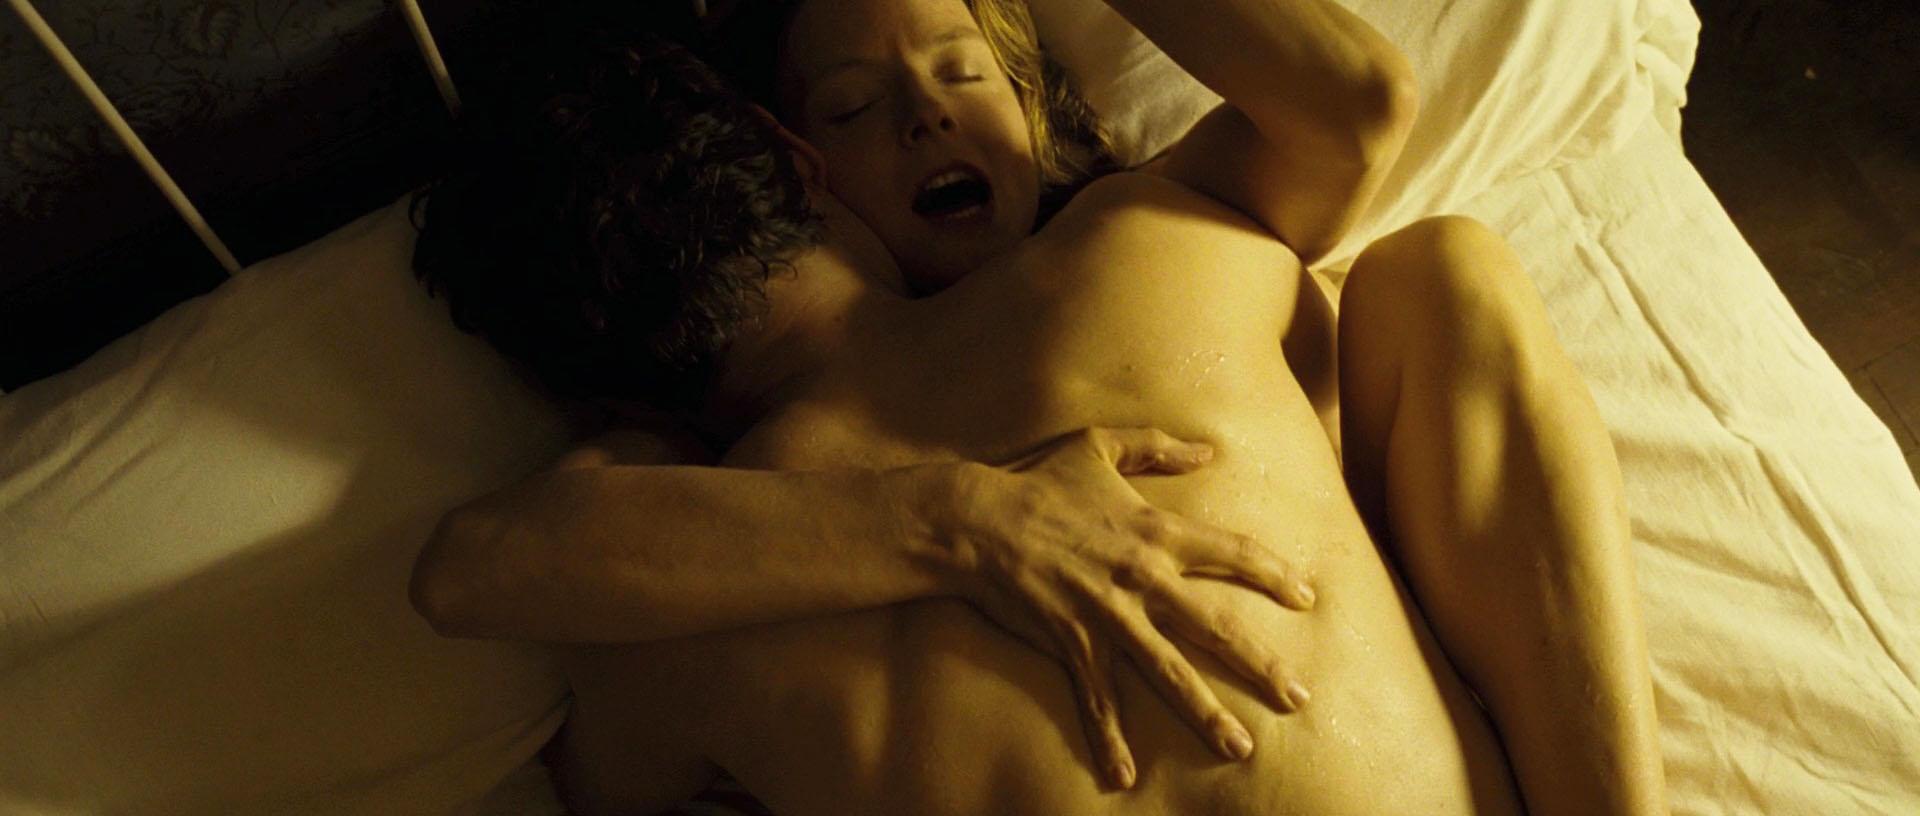 Foster nude scenes jodie